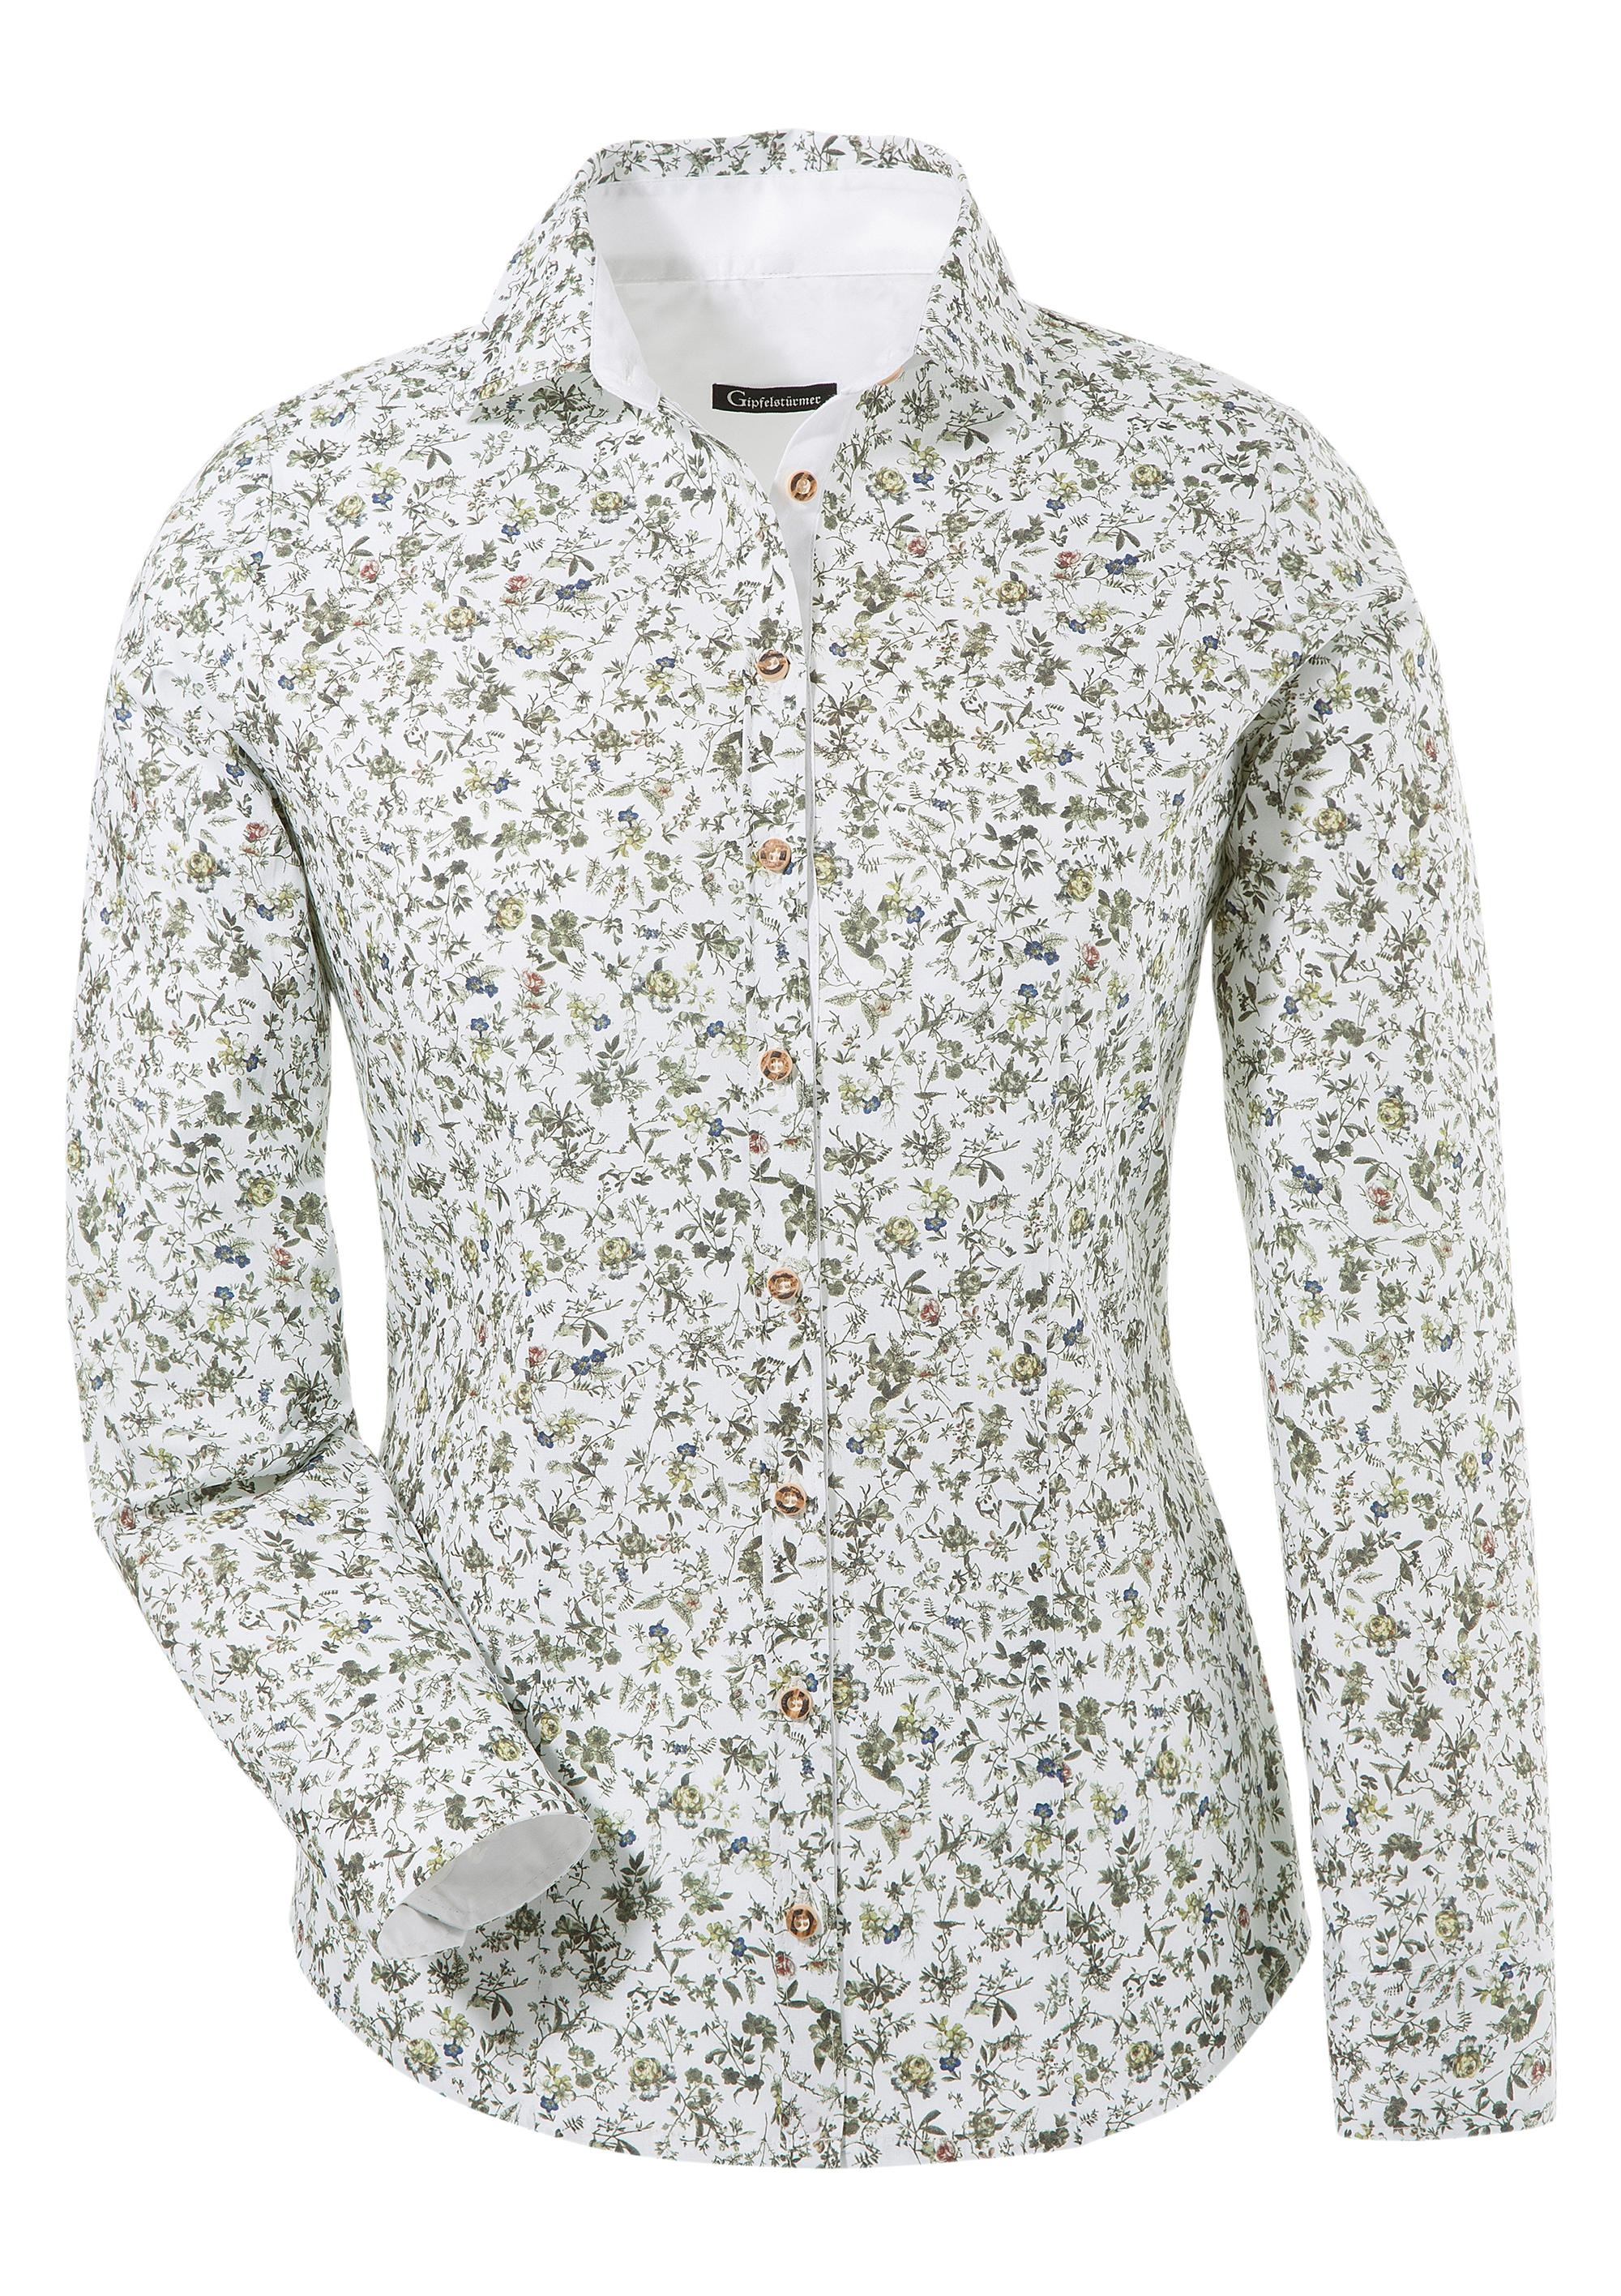 OS-Trachten Trachtenbluse, mit floralem Muster und Knöpfe in Hirschhornopti günstig online kaufen